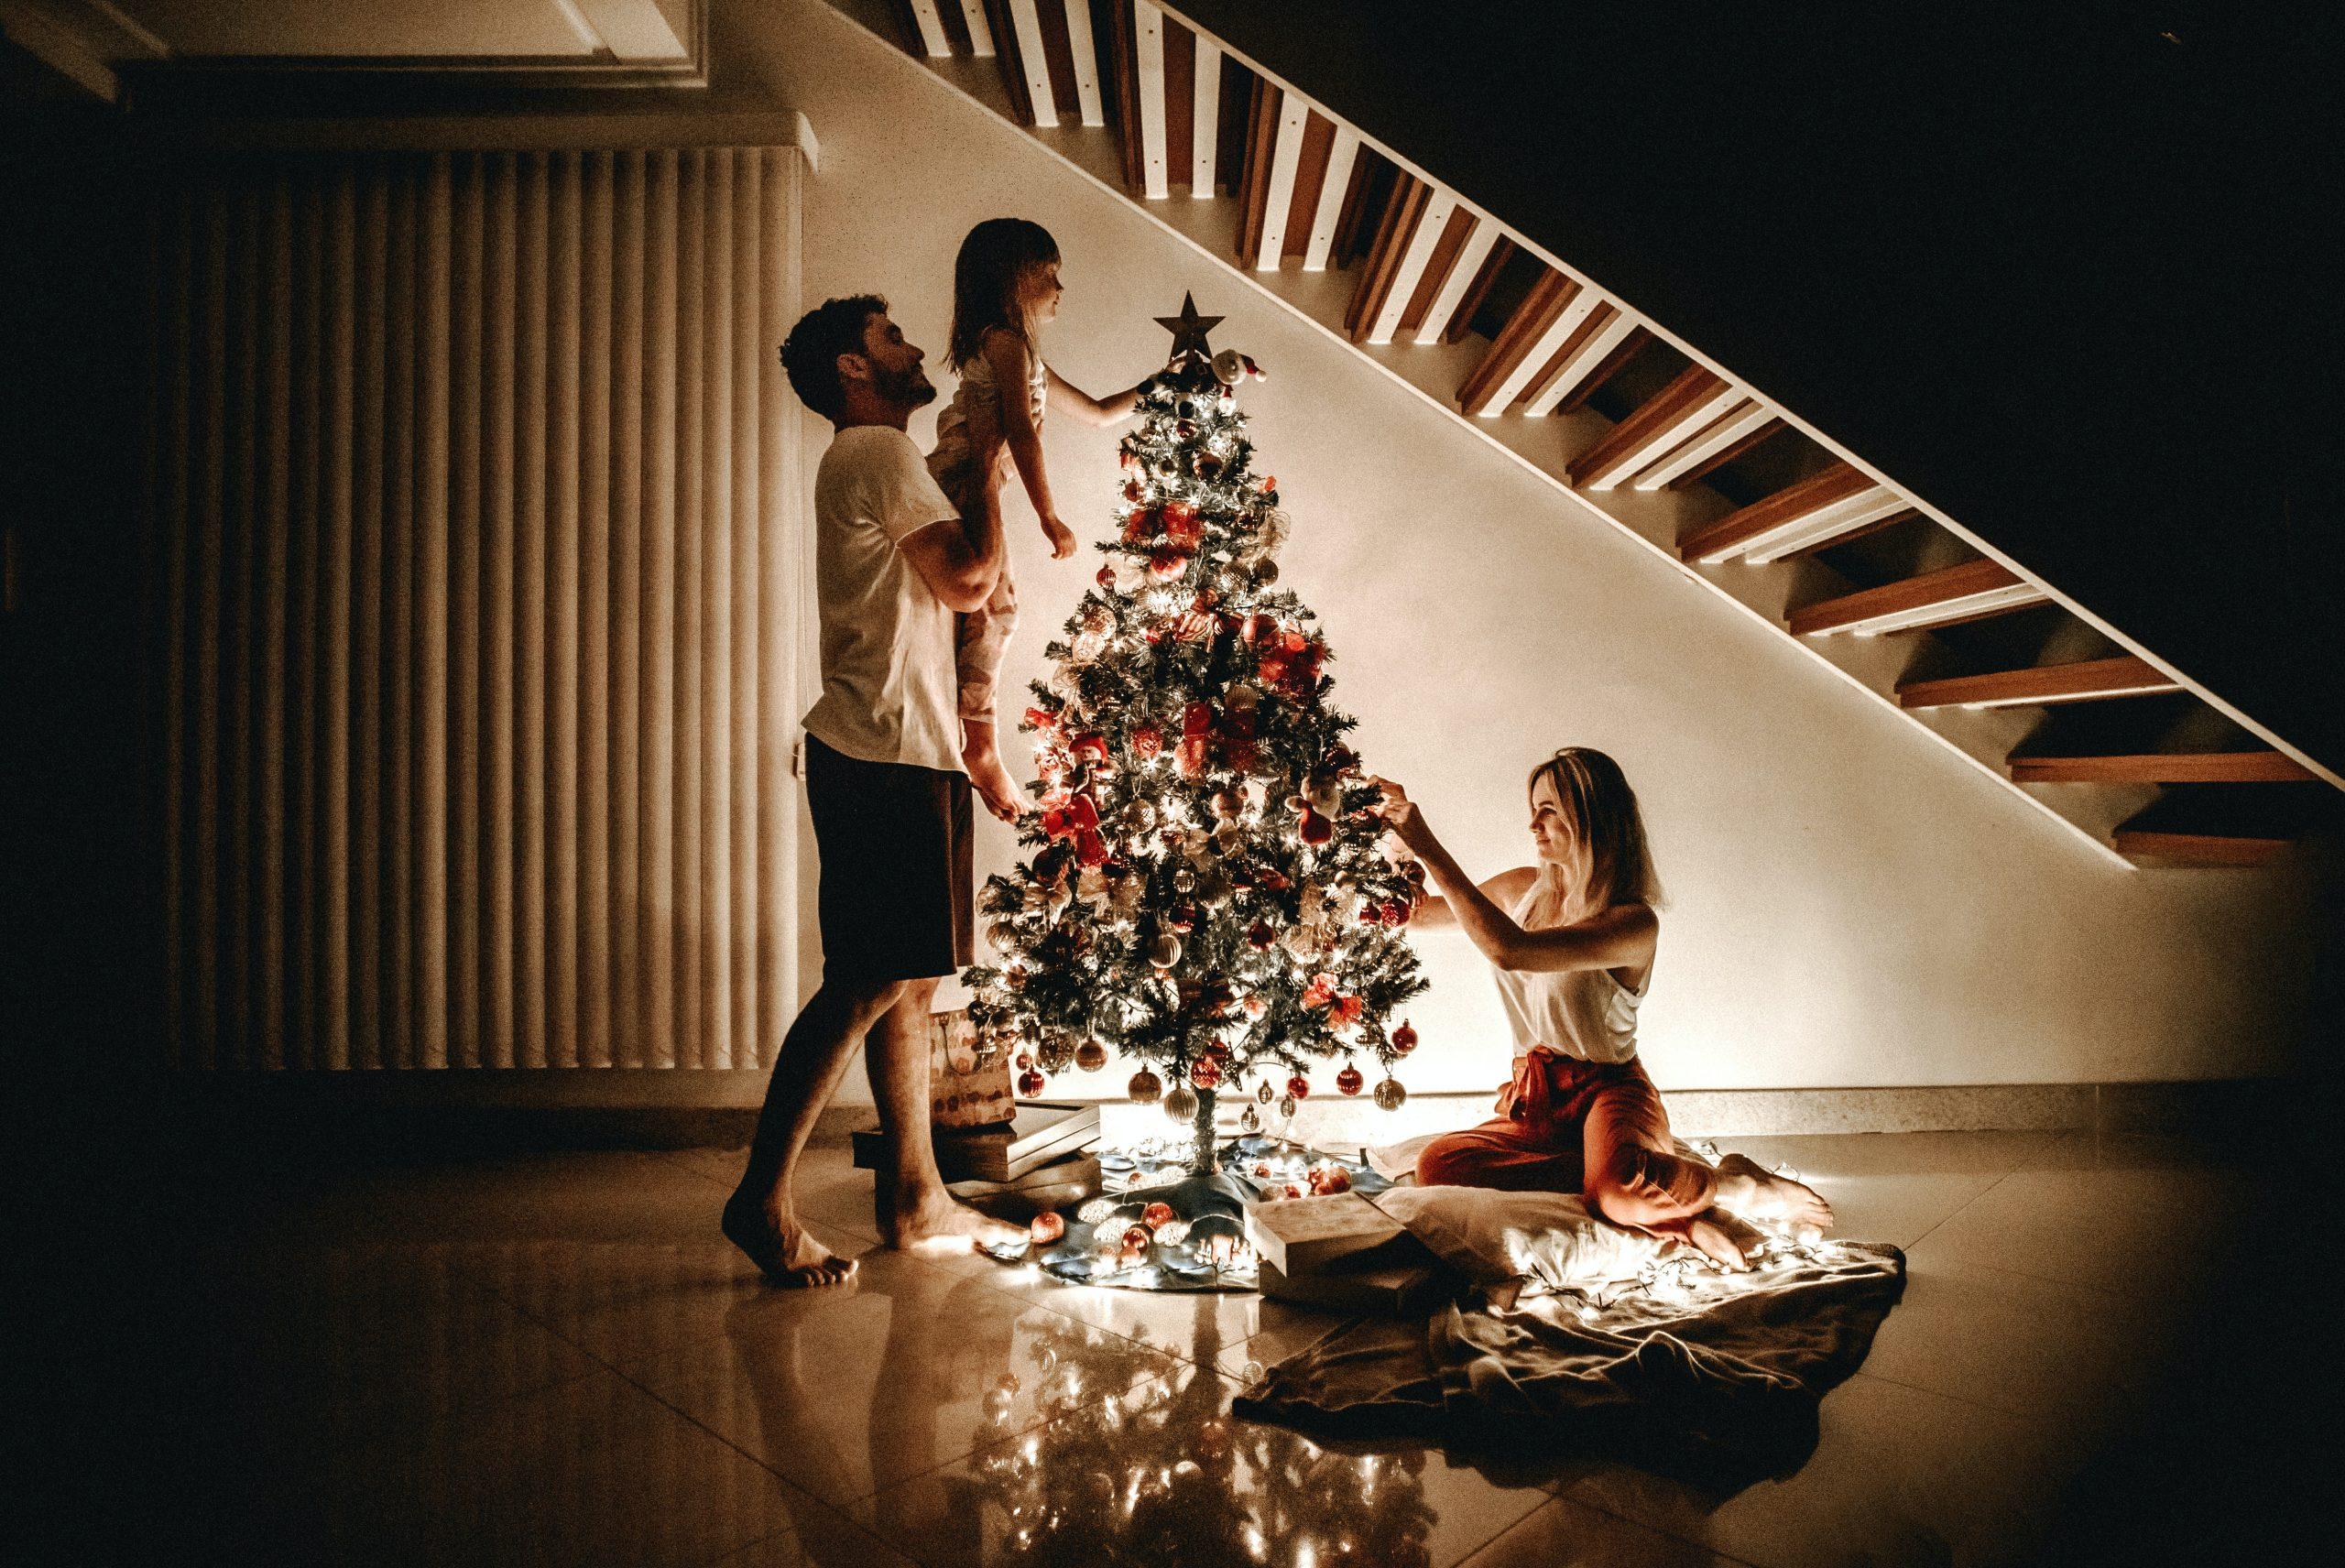 ¿Es seguro asistir a una reunión navideña?